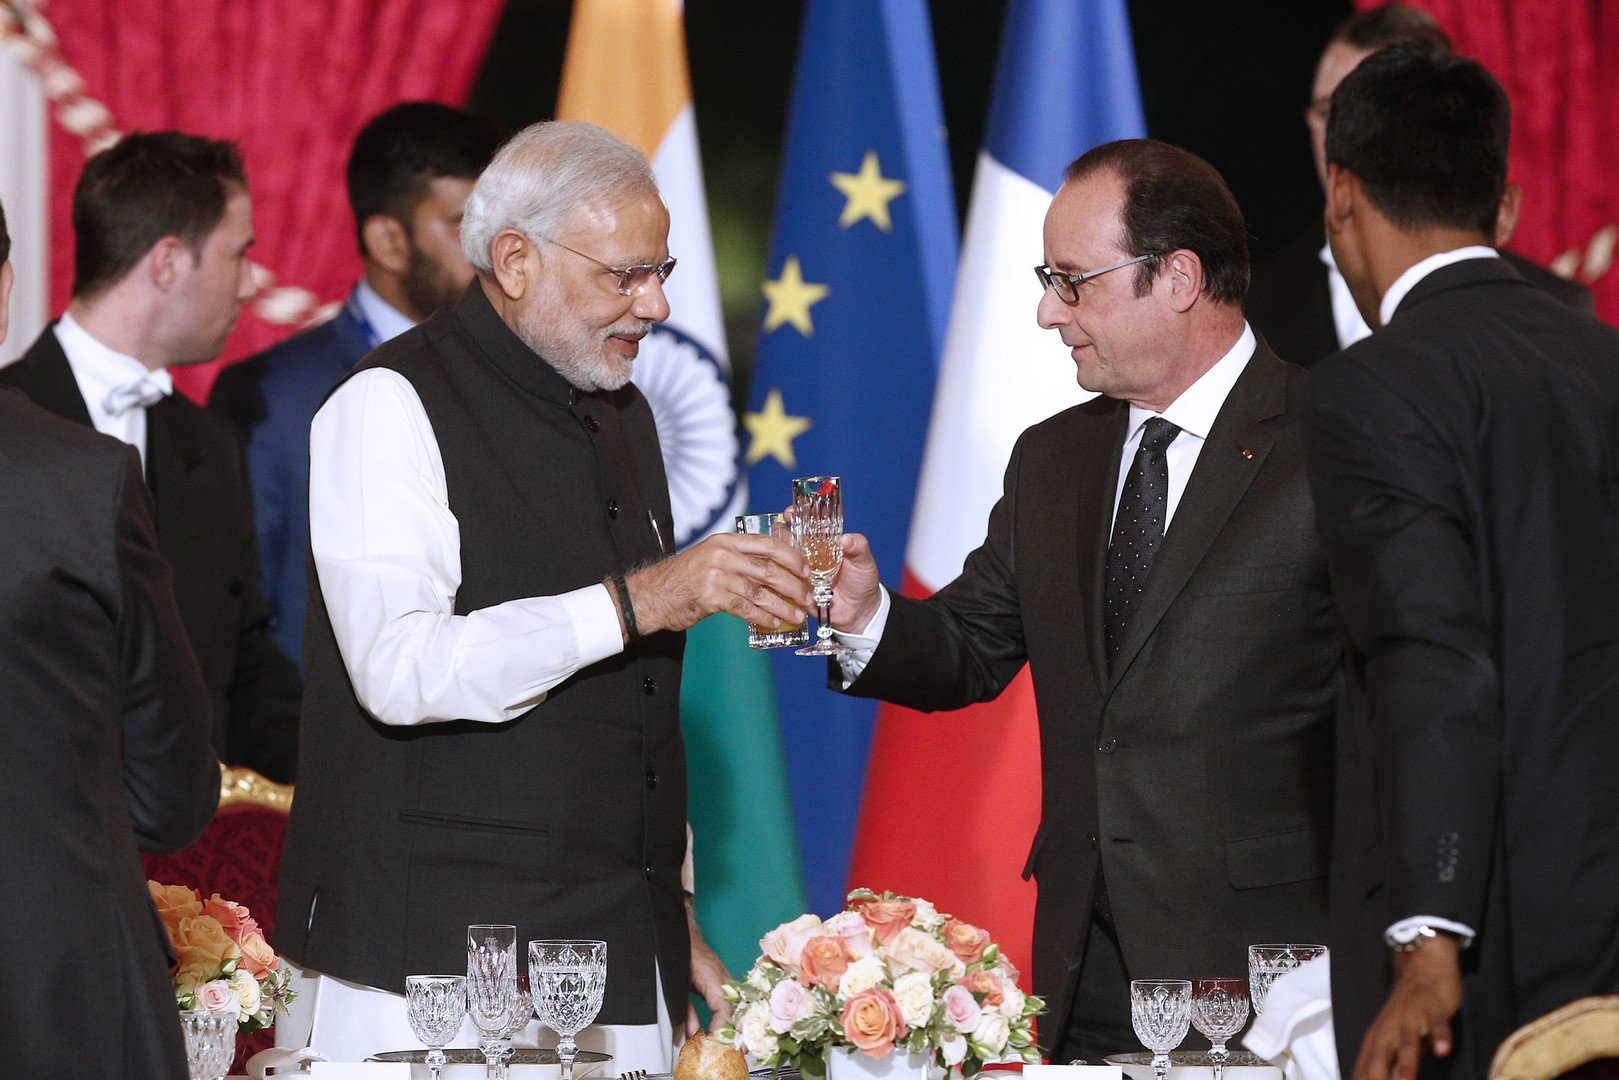 Malgré sa réputation ternie, Paris espère vendre des Rafales aux Emirats arabes unis